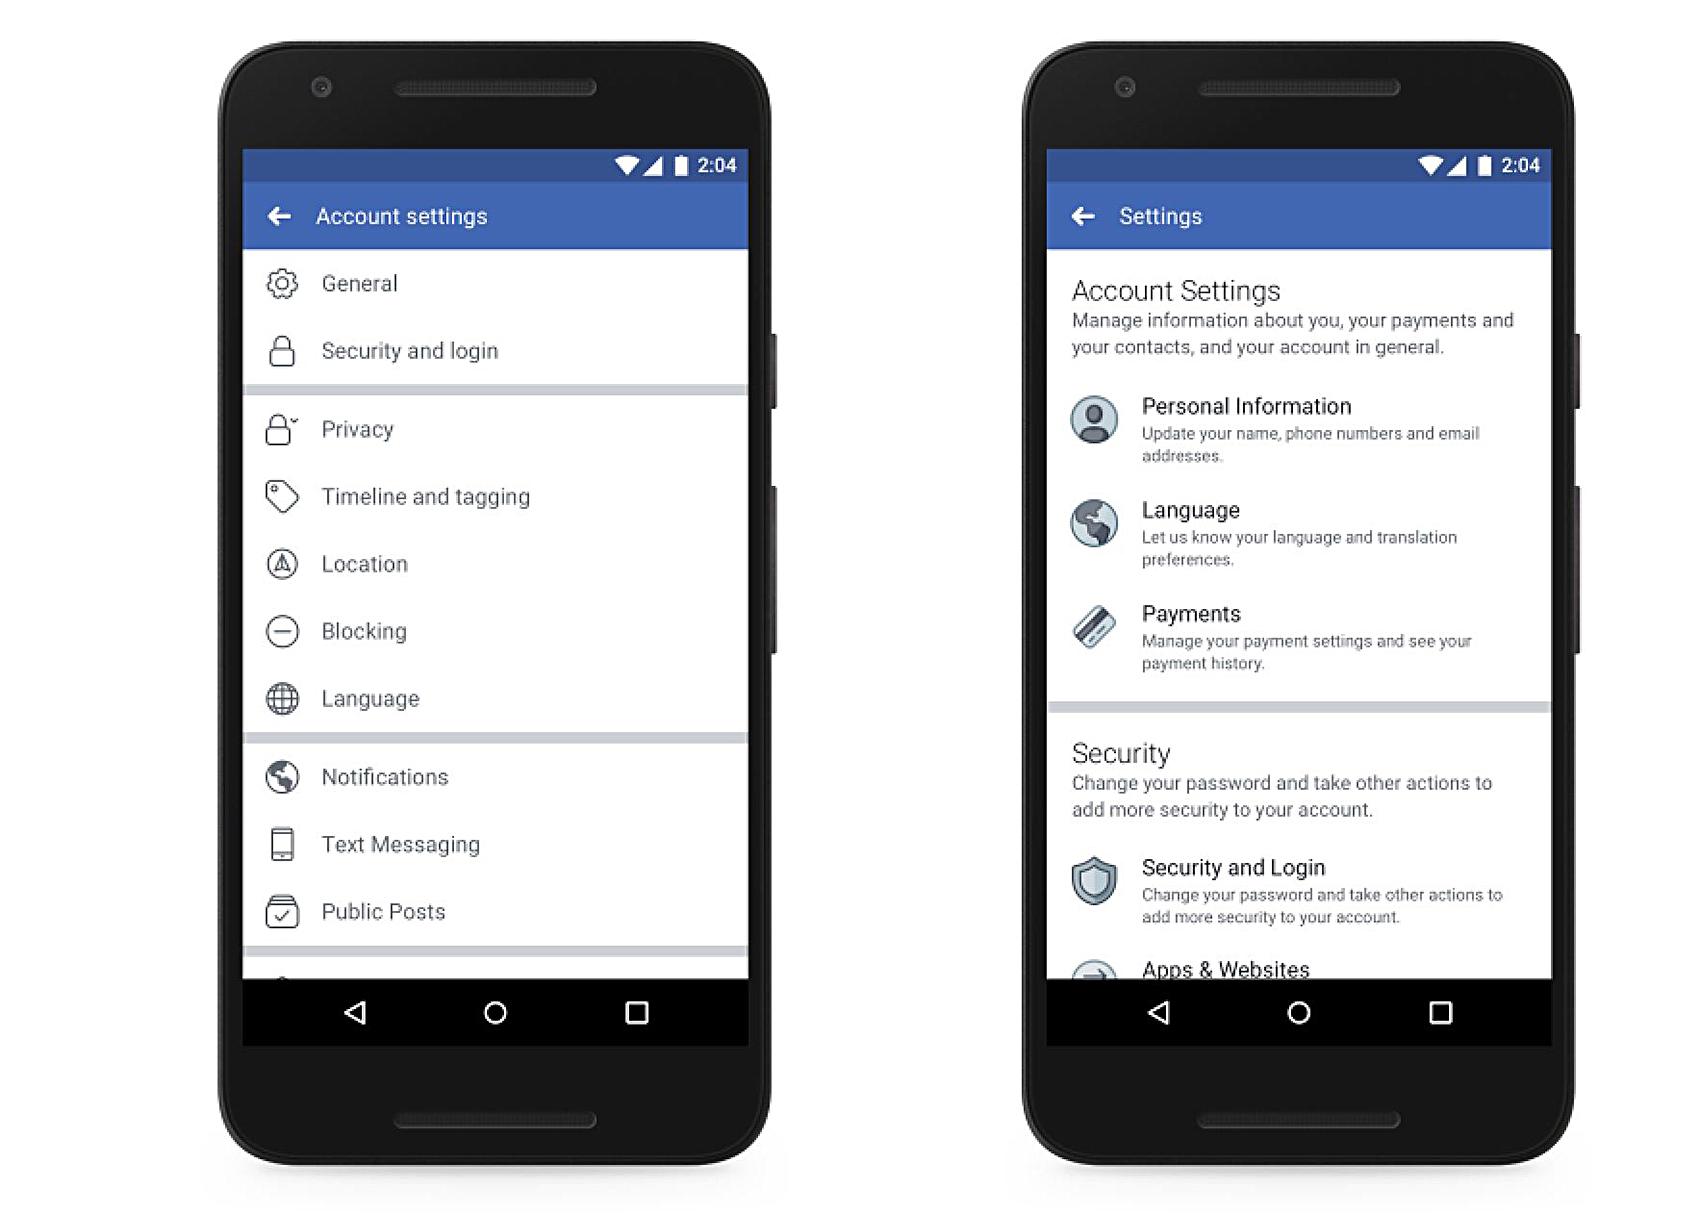 Vie Privee Facebook Repense Son Interface Pour Plus De